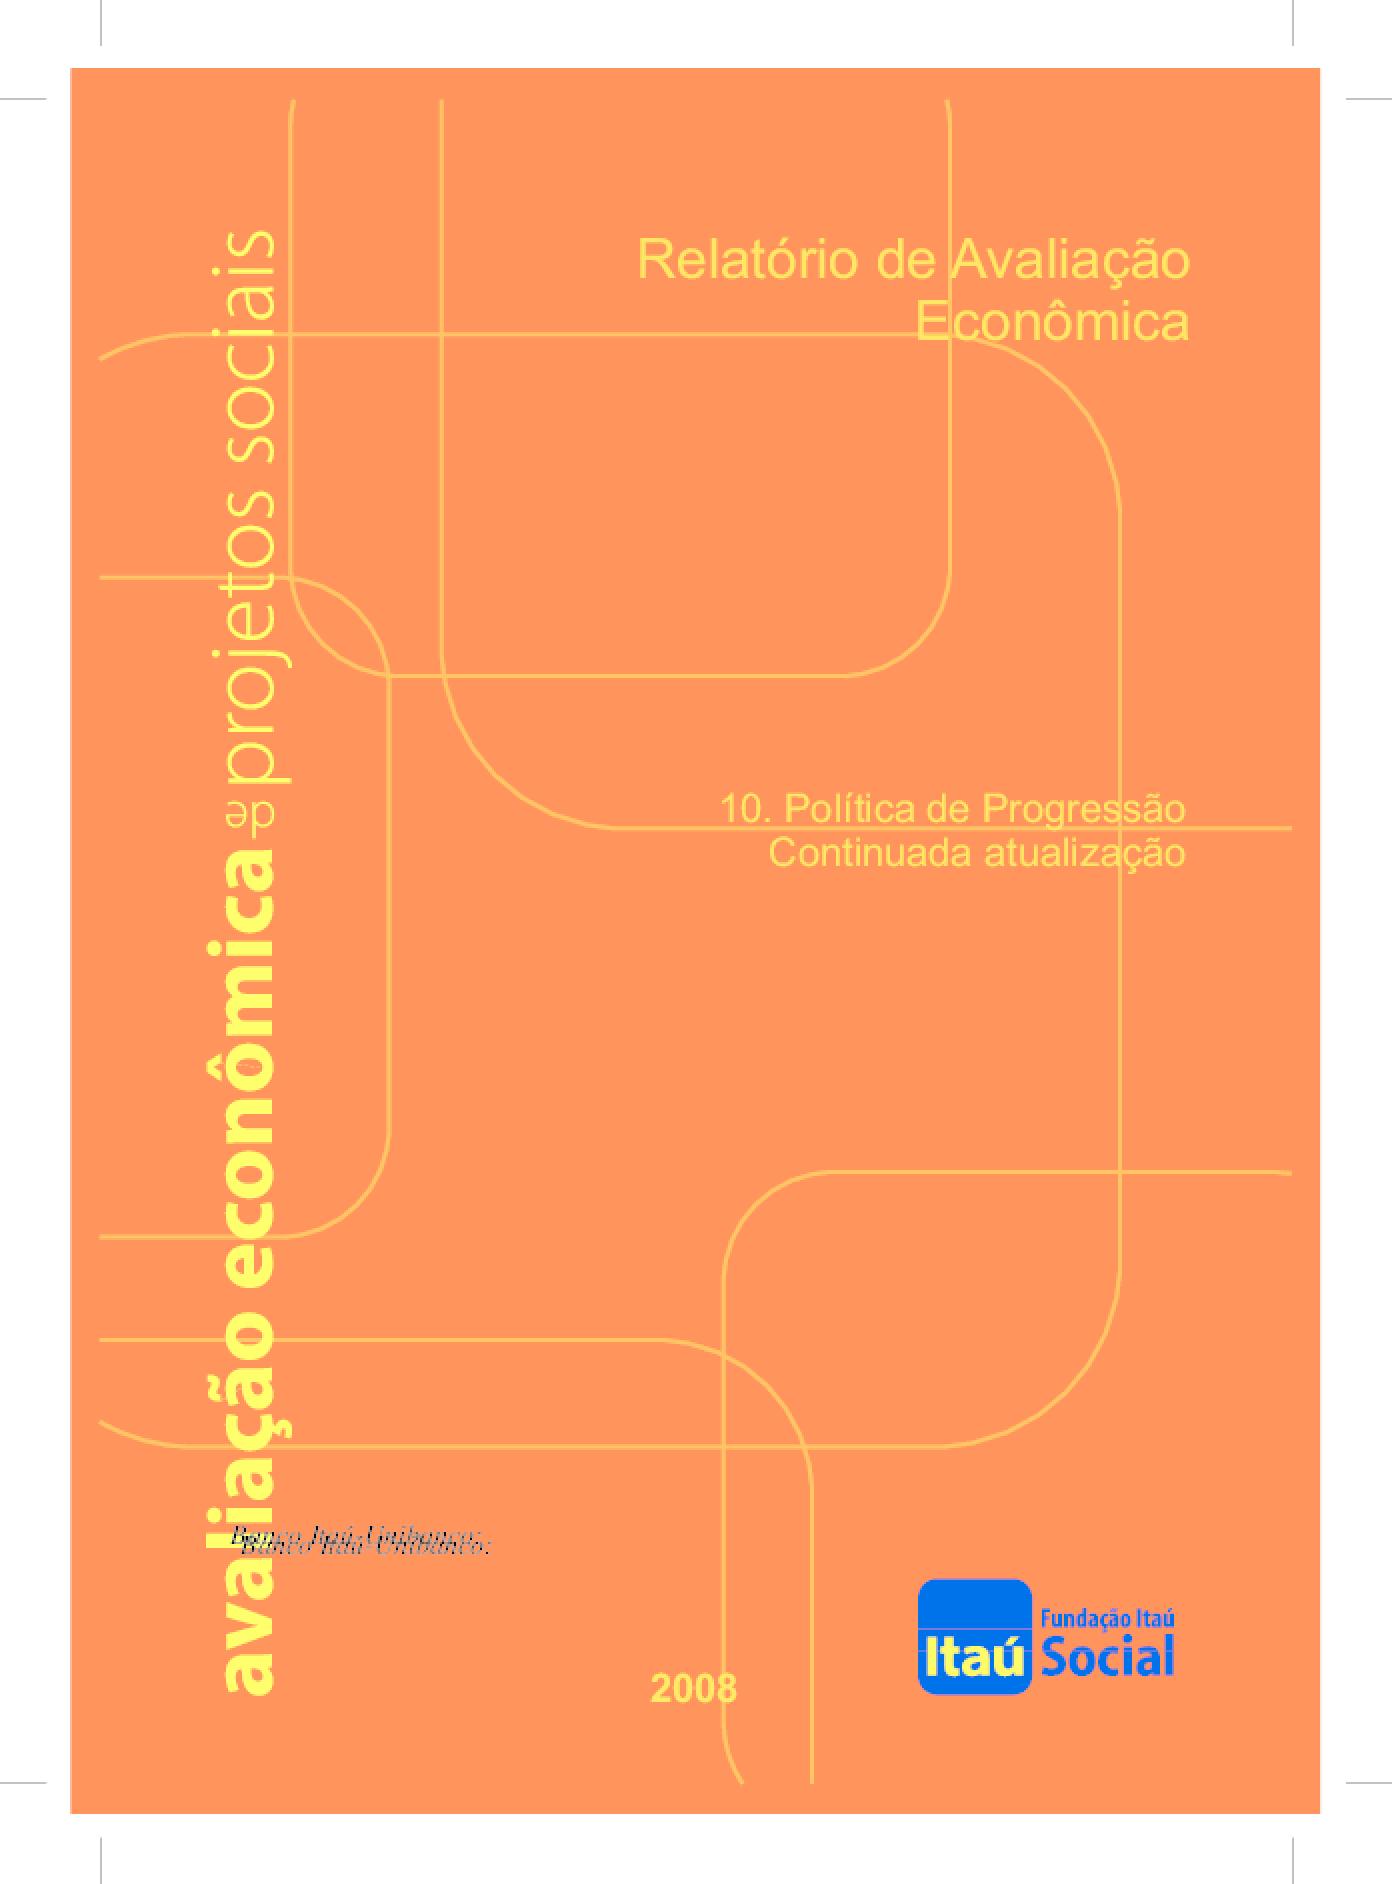 Relatório de avaliação econômica - política de progressão continuada